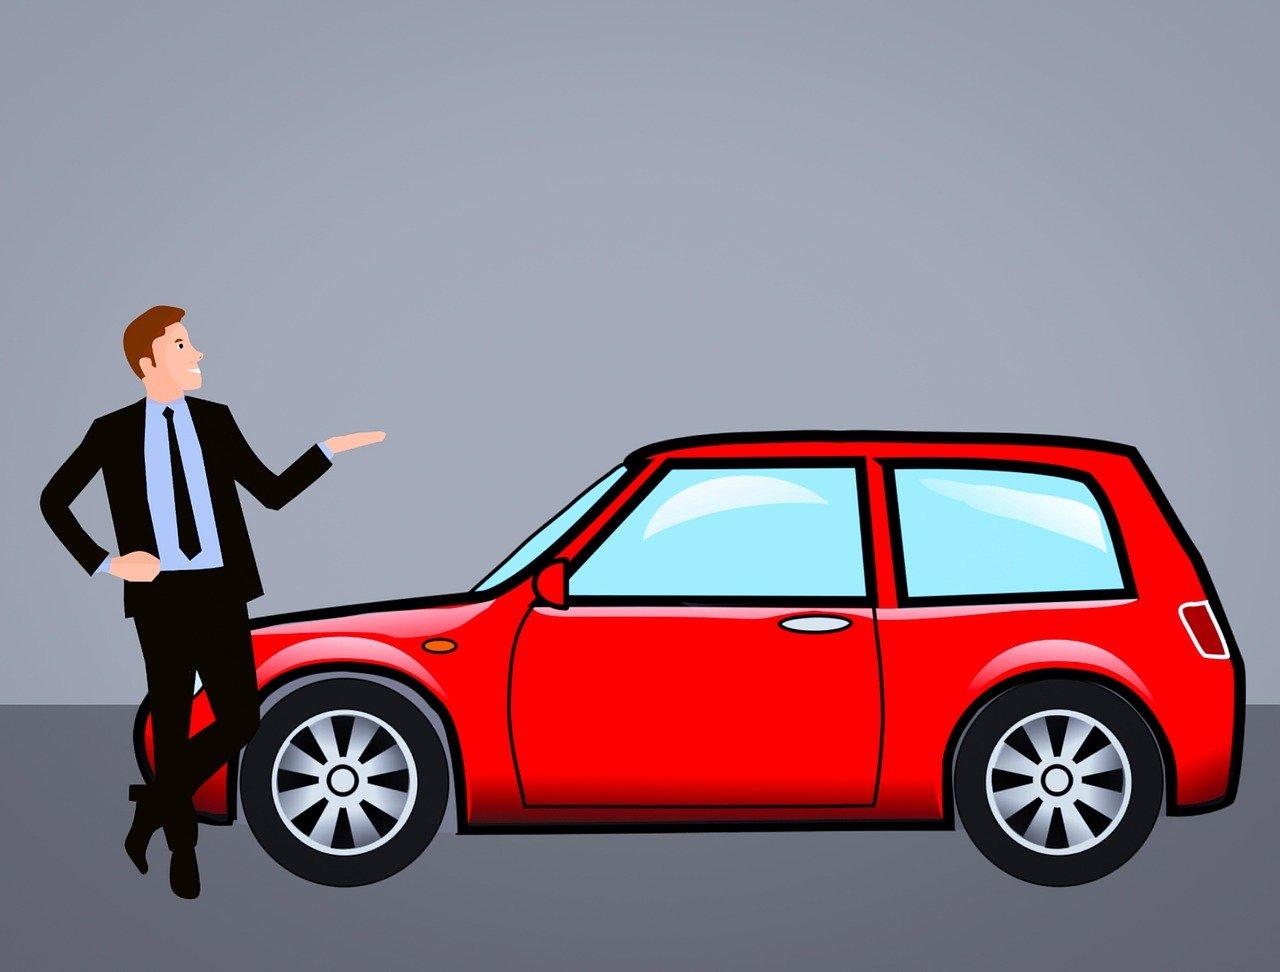 Auto Te Koop Autobedrijf - Gratis afbeelding op Pixabay